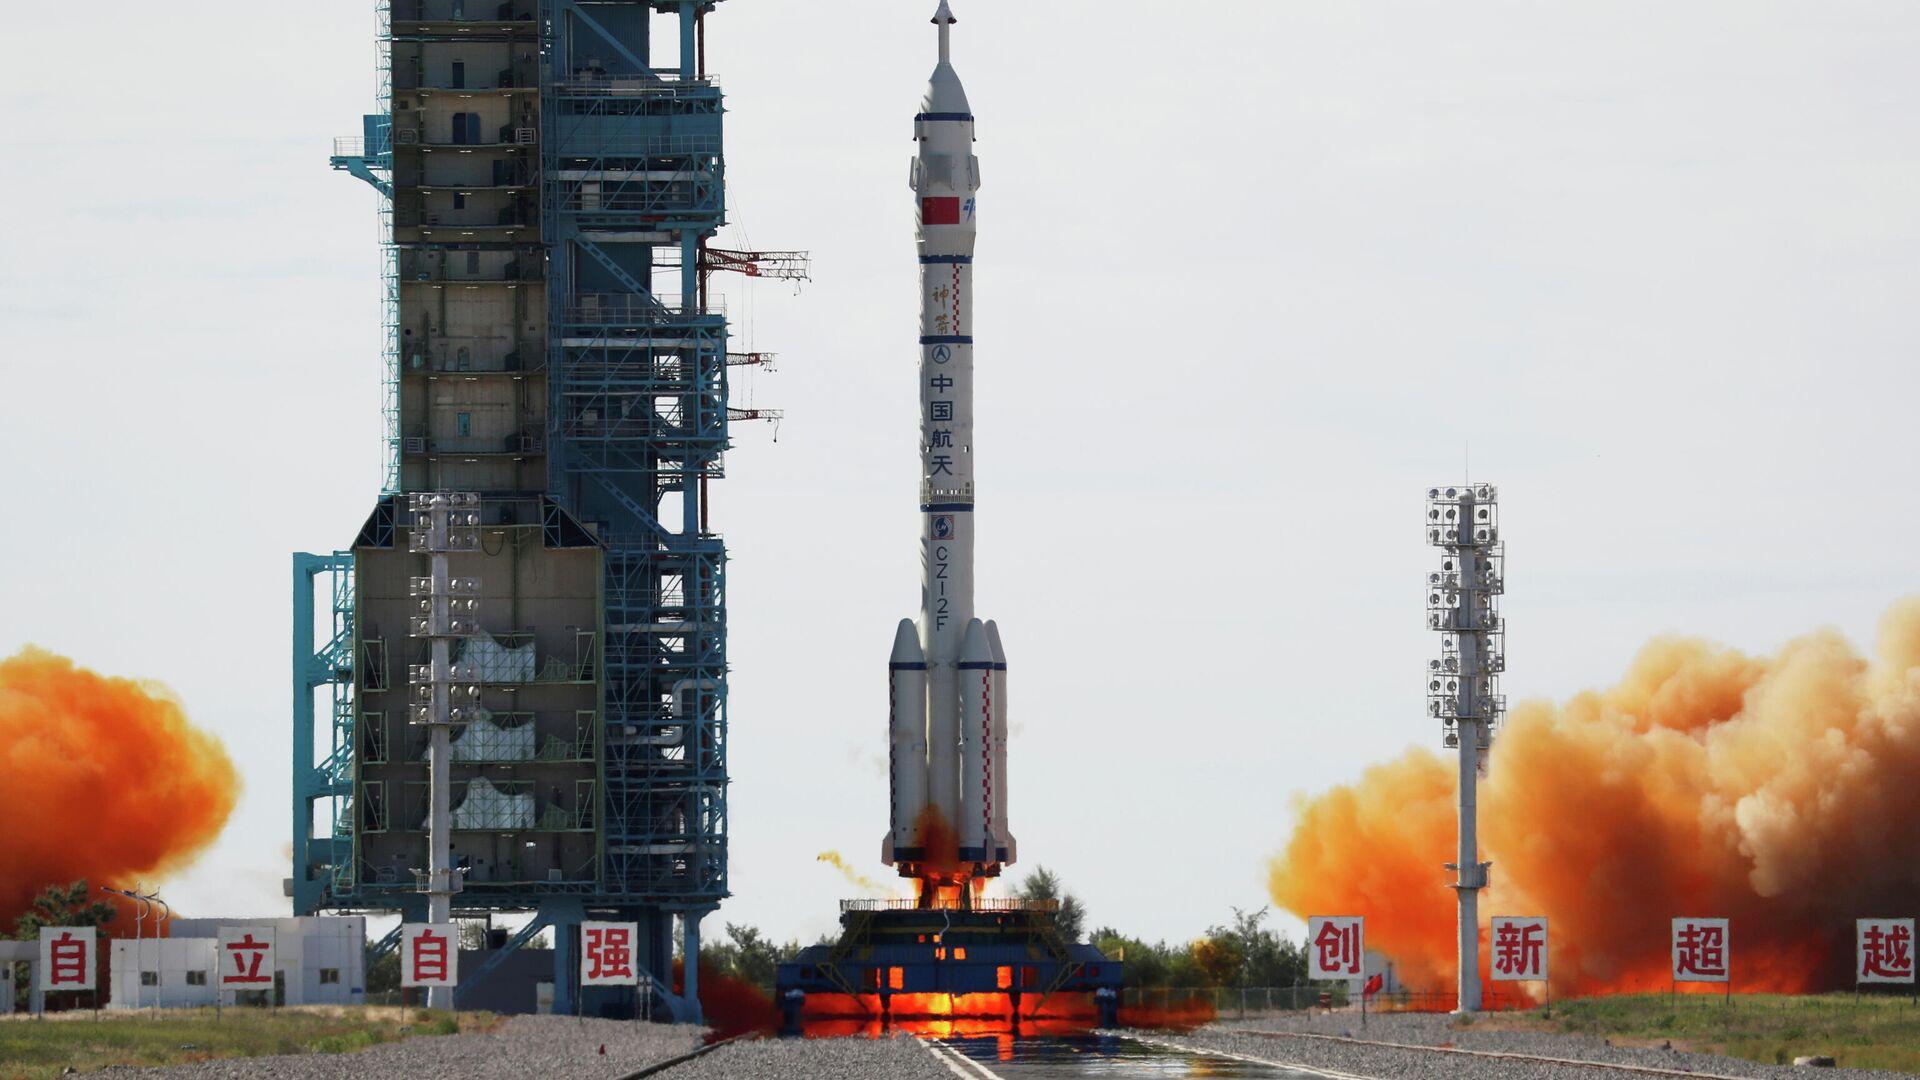 El lanzamiento de la nave tripulada Shenzhou-12, el 17 de junio de 2021 - Sputnik Mundo, 1920, 16.06.2021